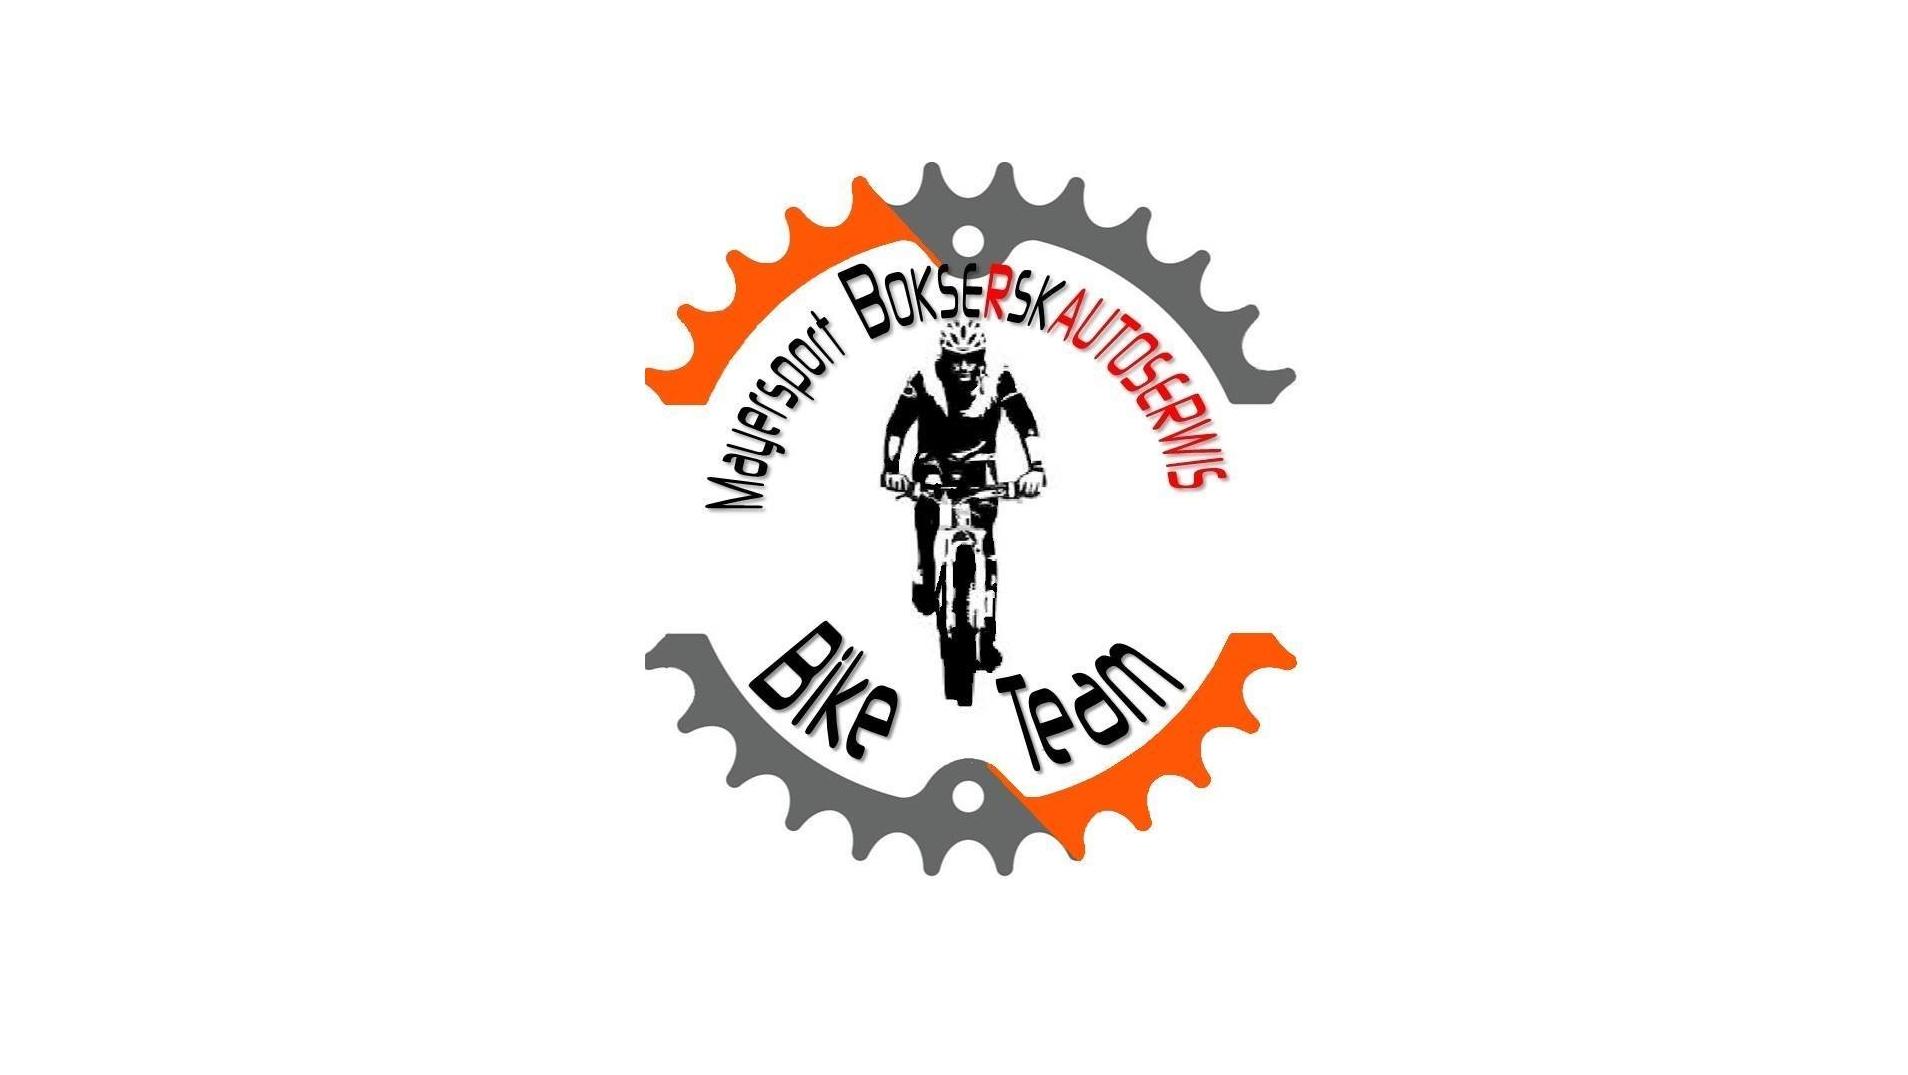 Poznajmy się – MAYERSPORT BokserskAutoserwis Bike Team